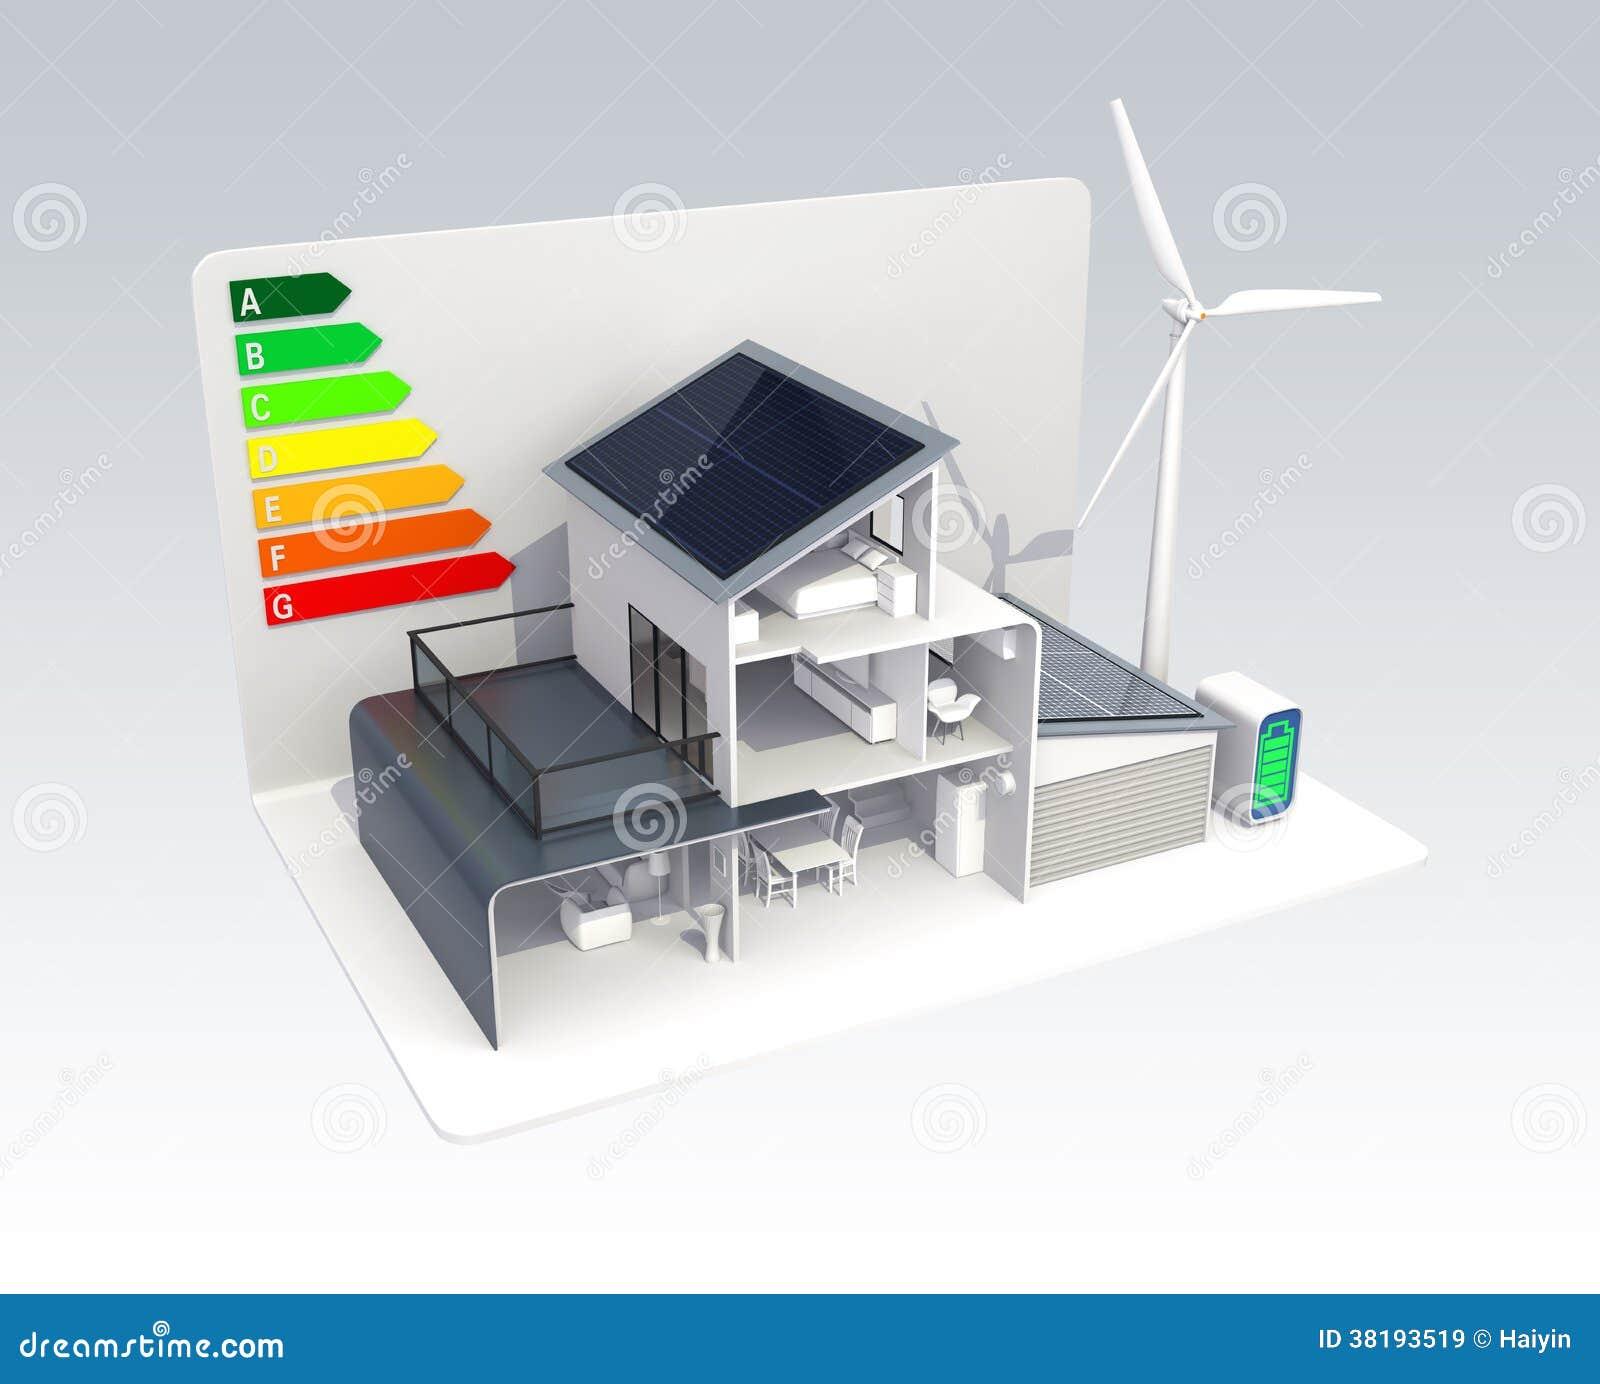 House Plans Under 800 Square Feet besides White Marsh Hall Floor Plan ...